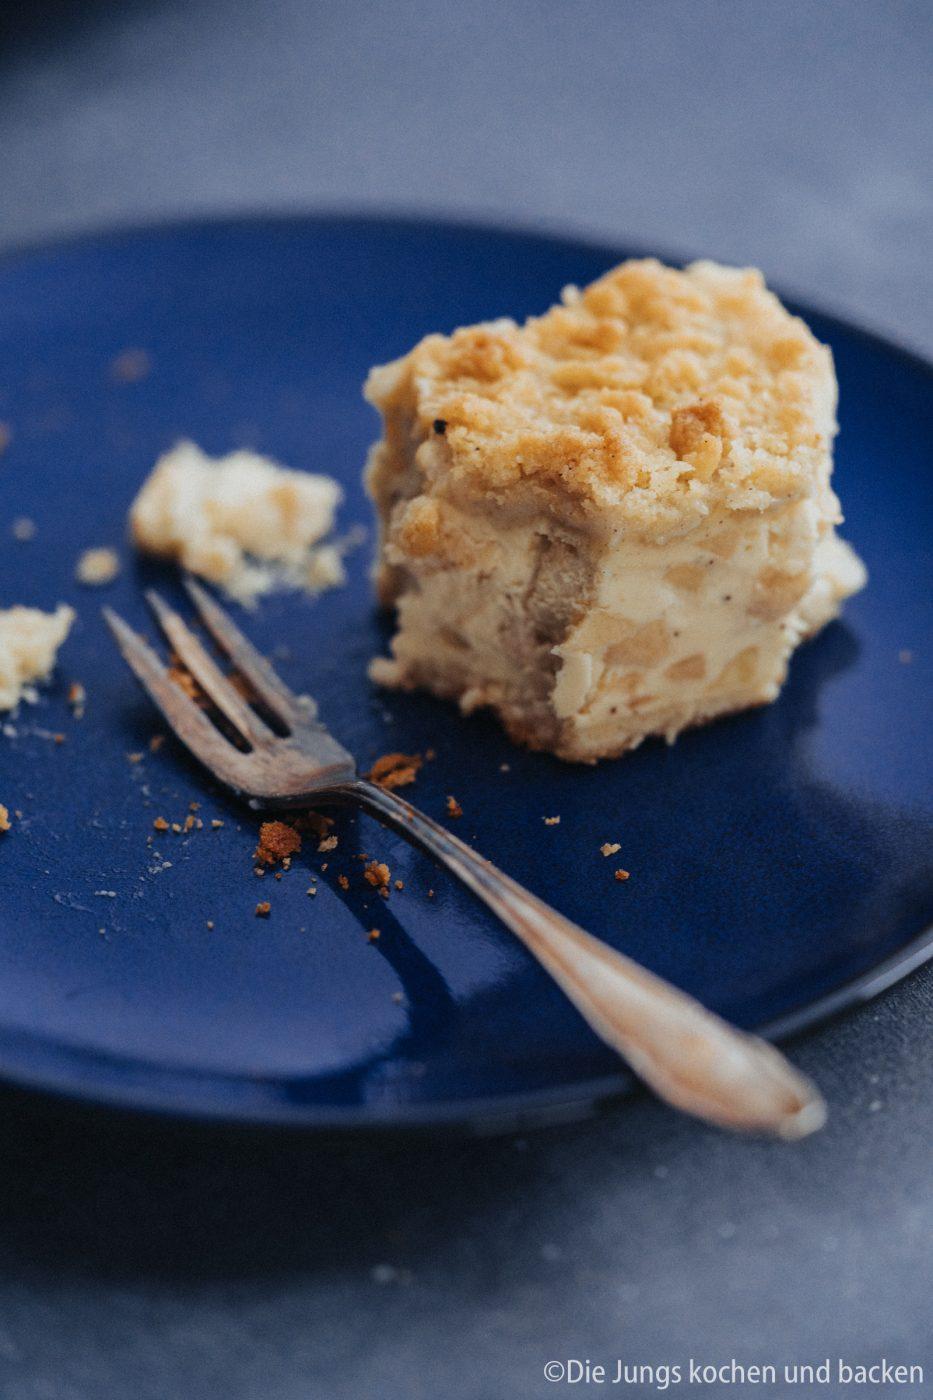 Apfel Schmandkuchen 14 | Es kann nicht genug Apfelkuchen geben!! Da gehen uns auch selten die Ideen aus und wir machen einen Apfelkuchen auch gerne wieder und wieder. Oft läuft es aber so, dass wir verschiedene Teile von Rezepten wild kombinieren, in einen Topf werfen und dann kommt gerade mit Apfel zu 99,9999% etwas mega leckeres raus. So eben auch bei unserem Apfel-Schmandkuchen.